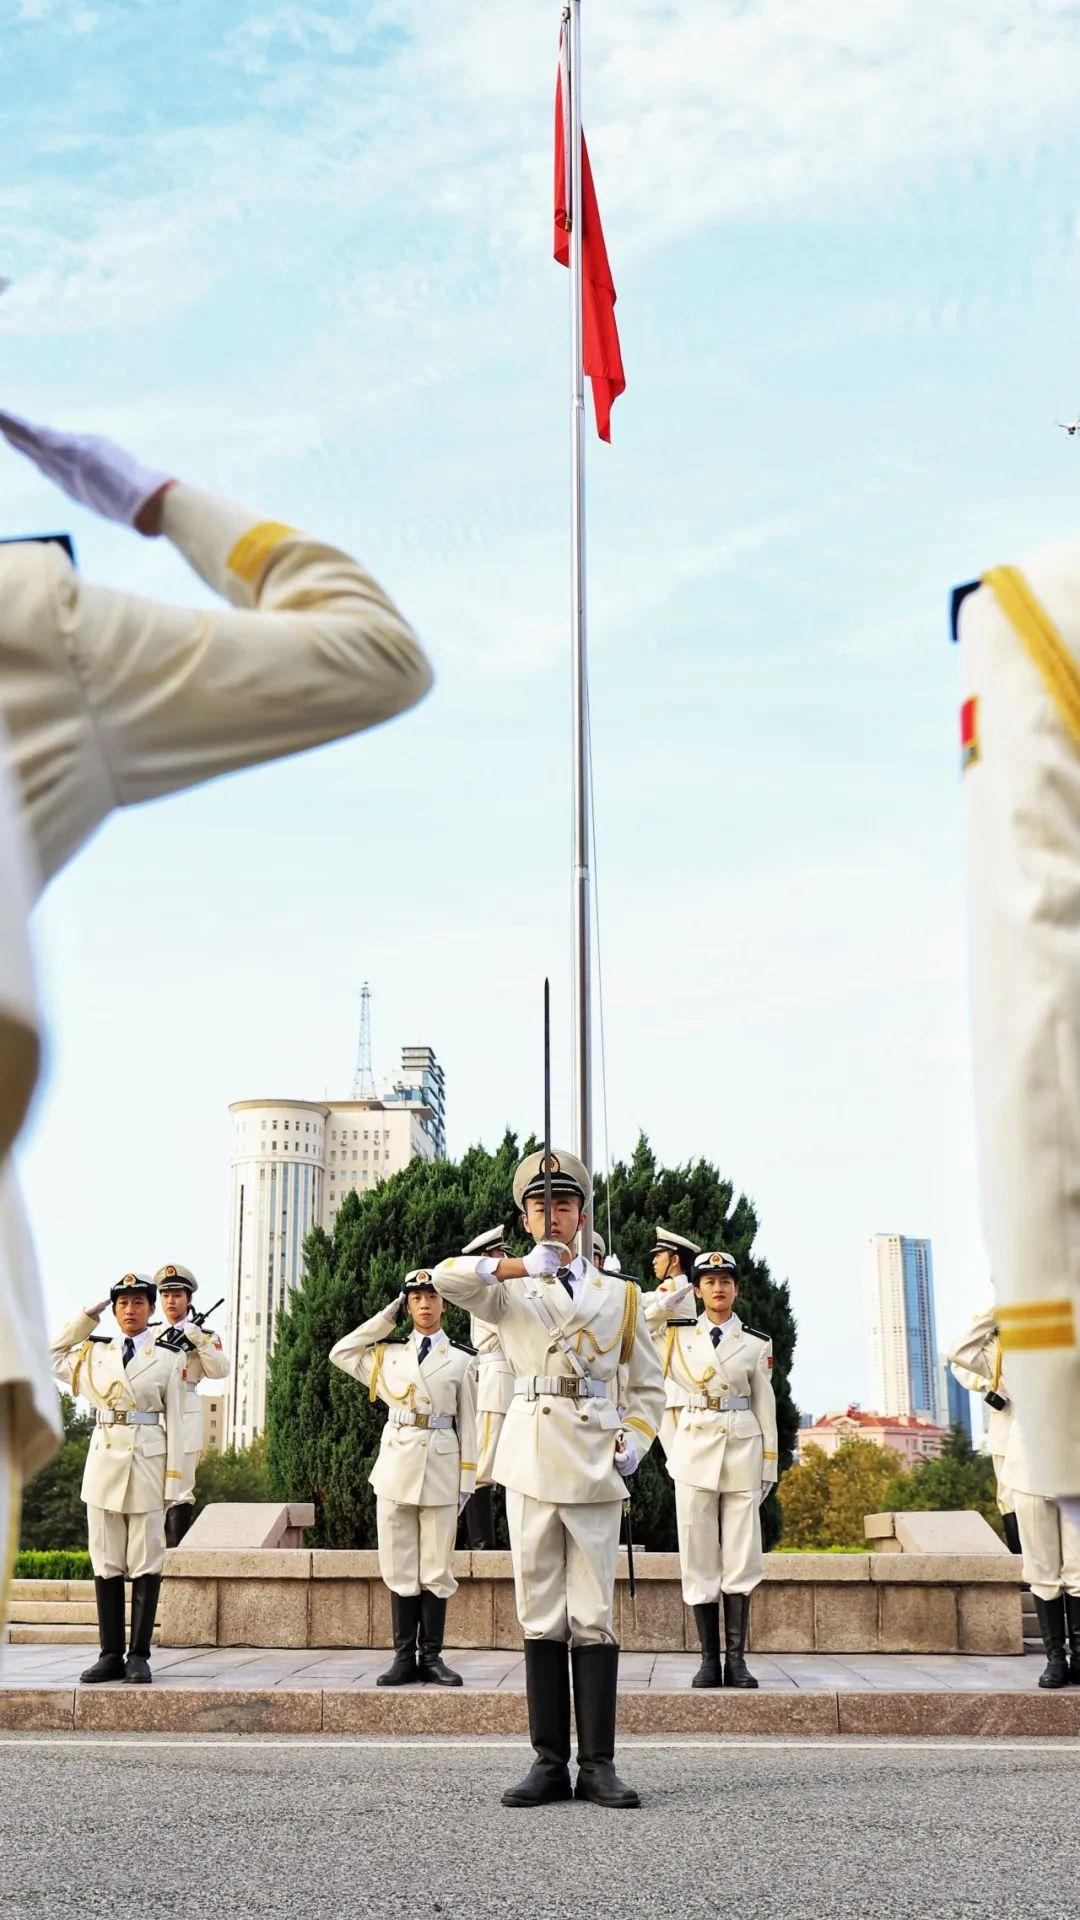 凝聚爱国情,追梦赤子心!青大人共庆祖国七十一华诞!图片